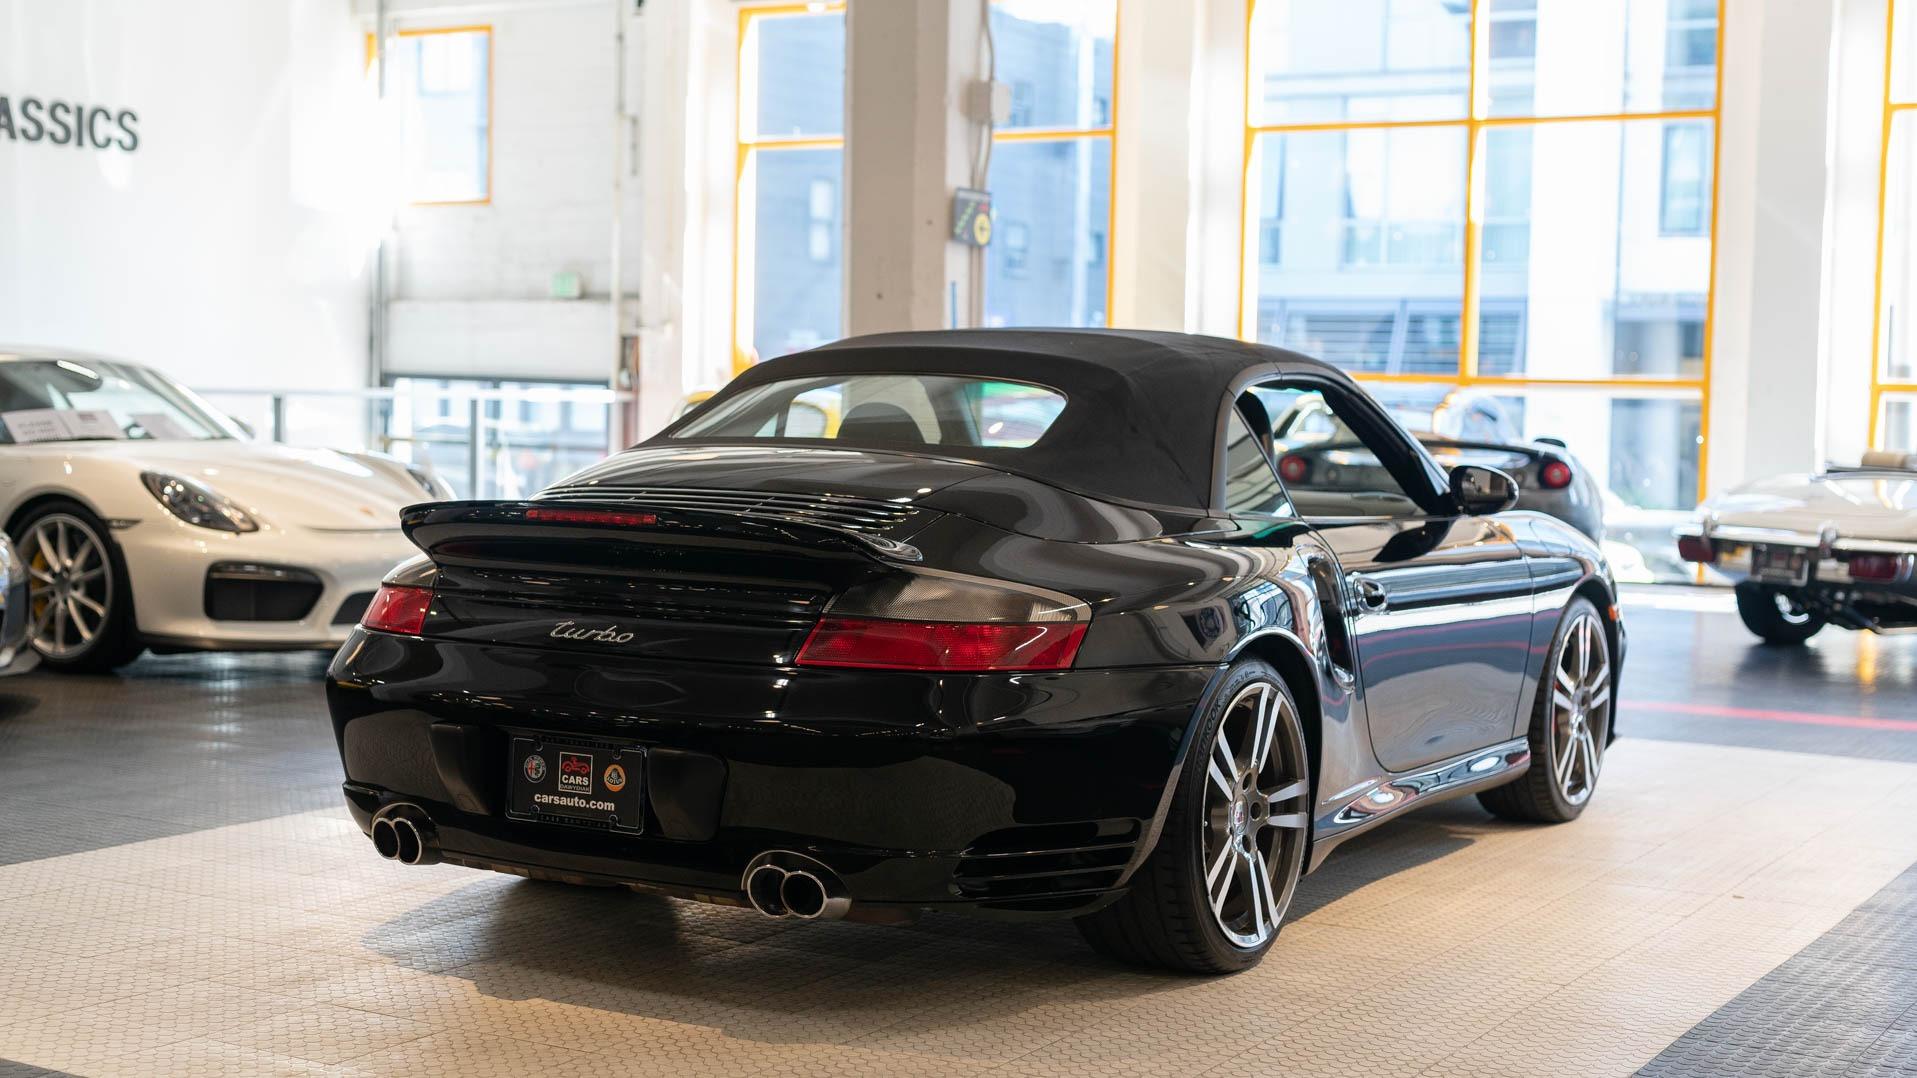 Used 2004 Porsche 911 Turbo